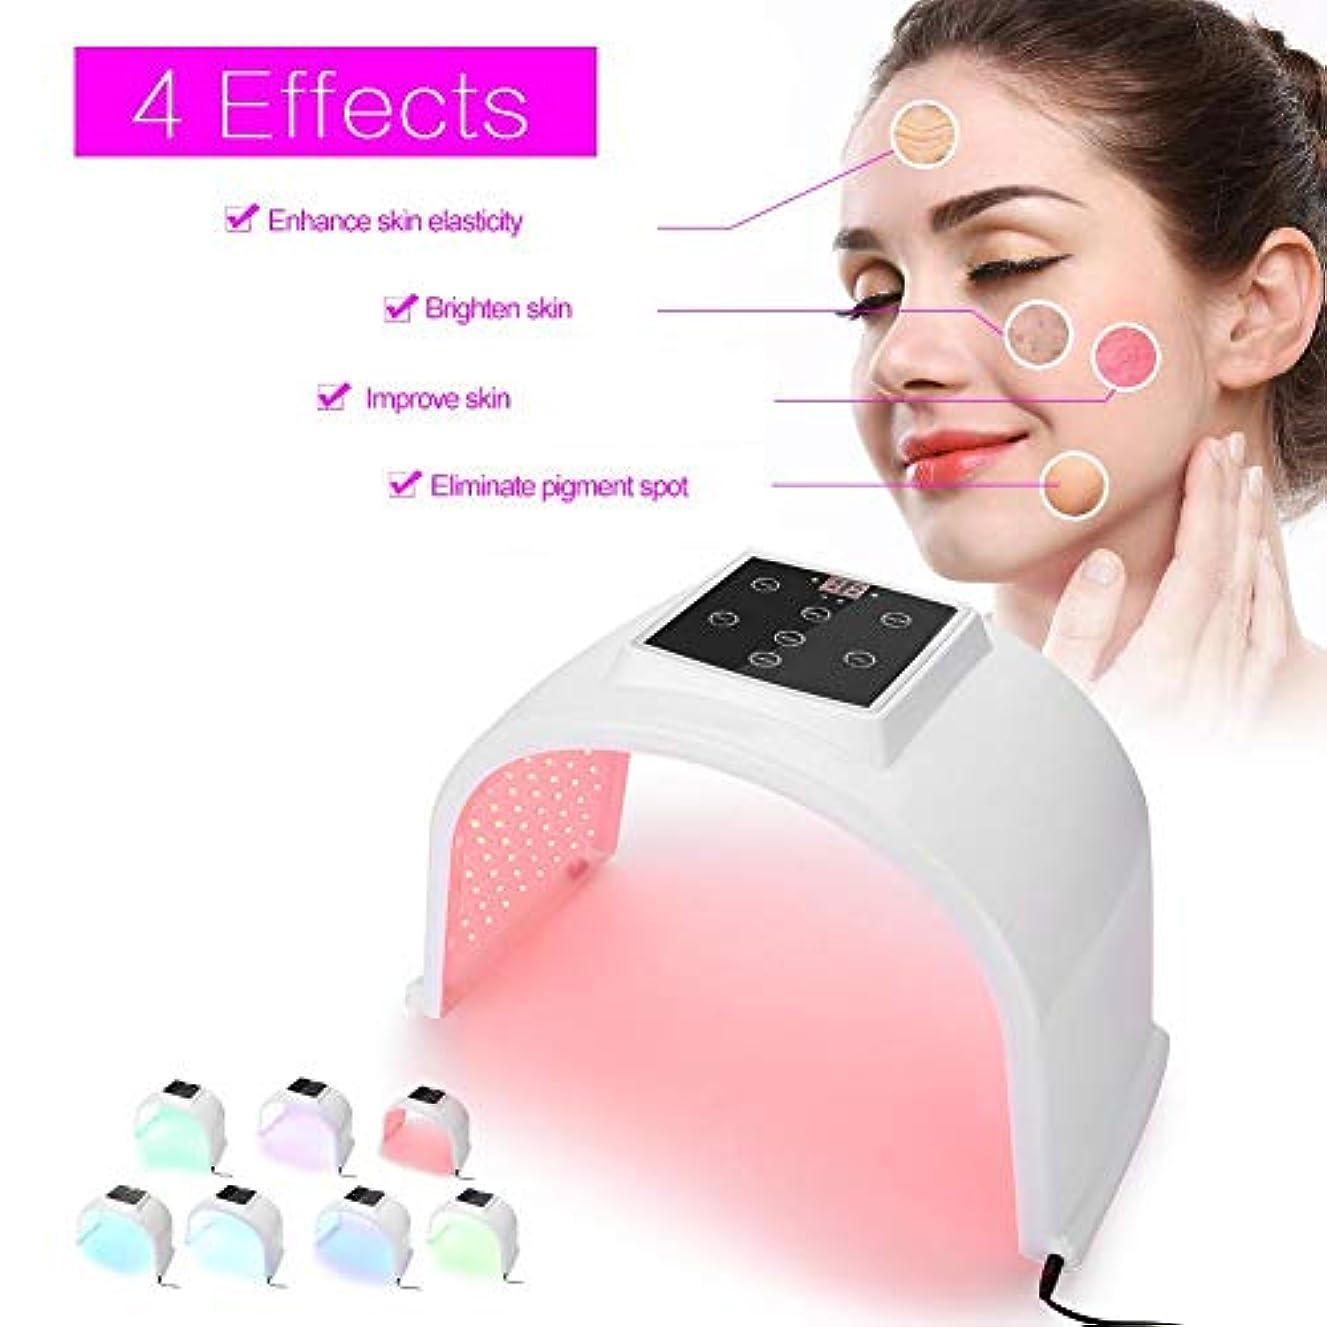 リゾート評価する報奨金Simlug 7色PDT皮膚若返りマシン、PDT再生美容セラピーマシン-ゴミの山ではなく、本当に良質の製品(US)